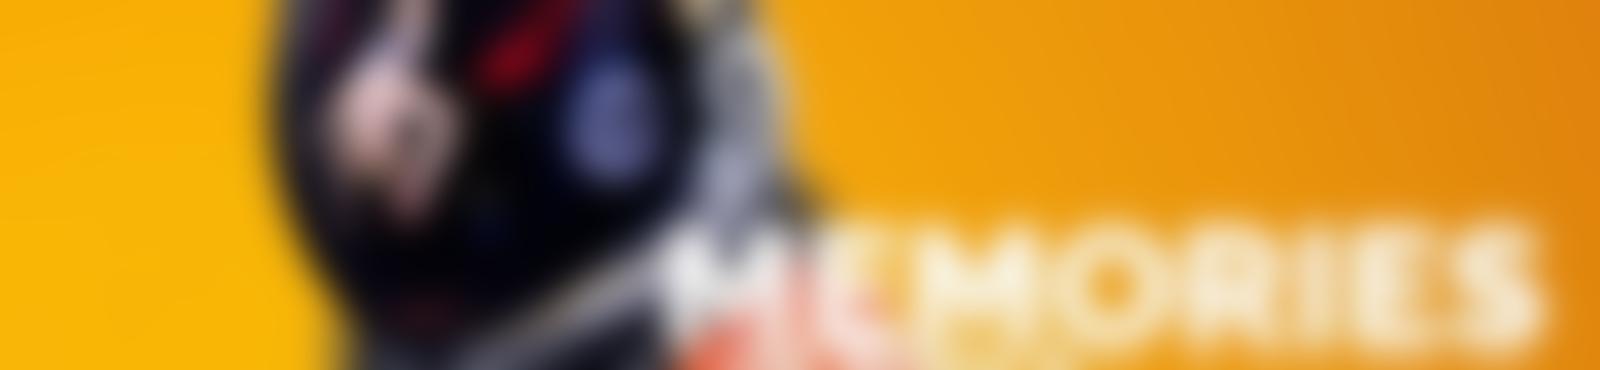 Blurred b7d79106 472c 452c 983d 7a50f87fd1de